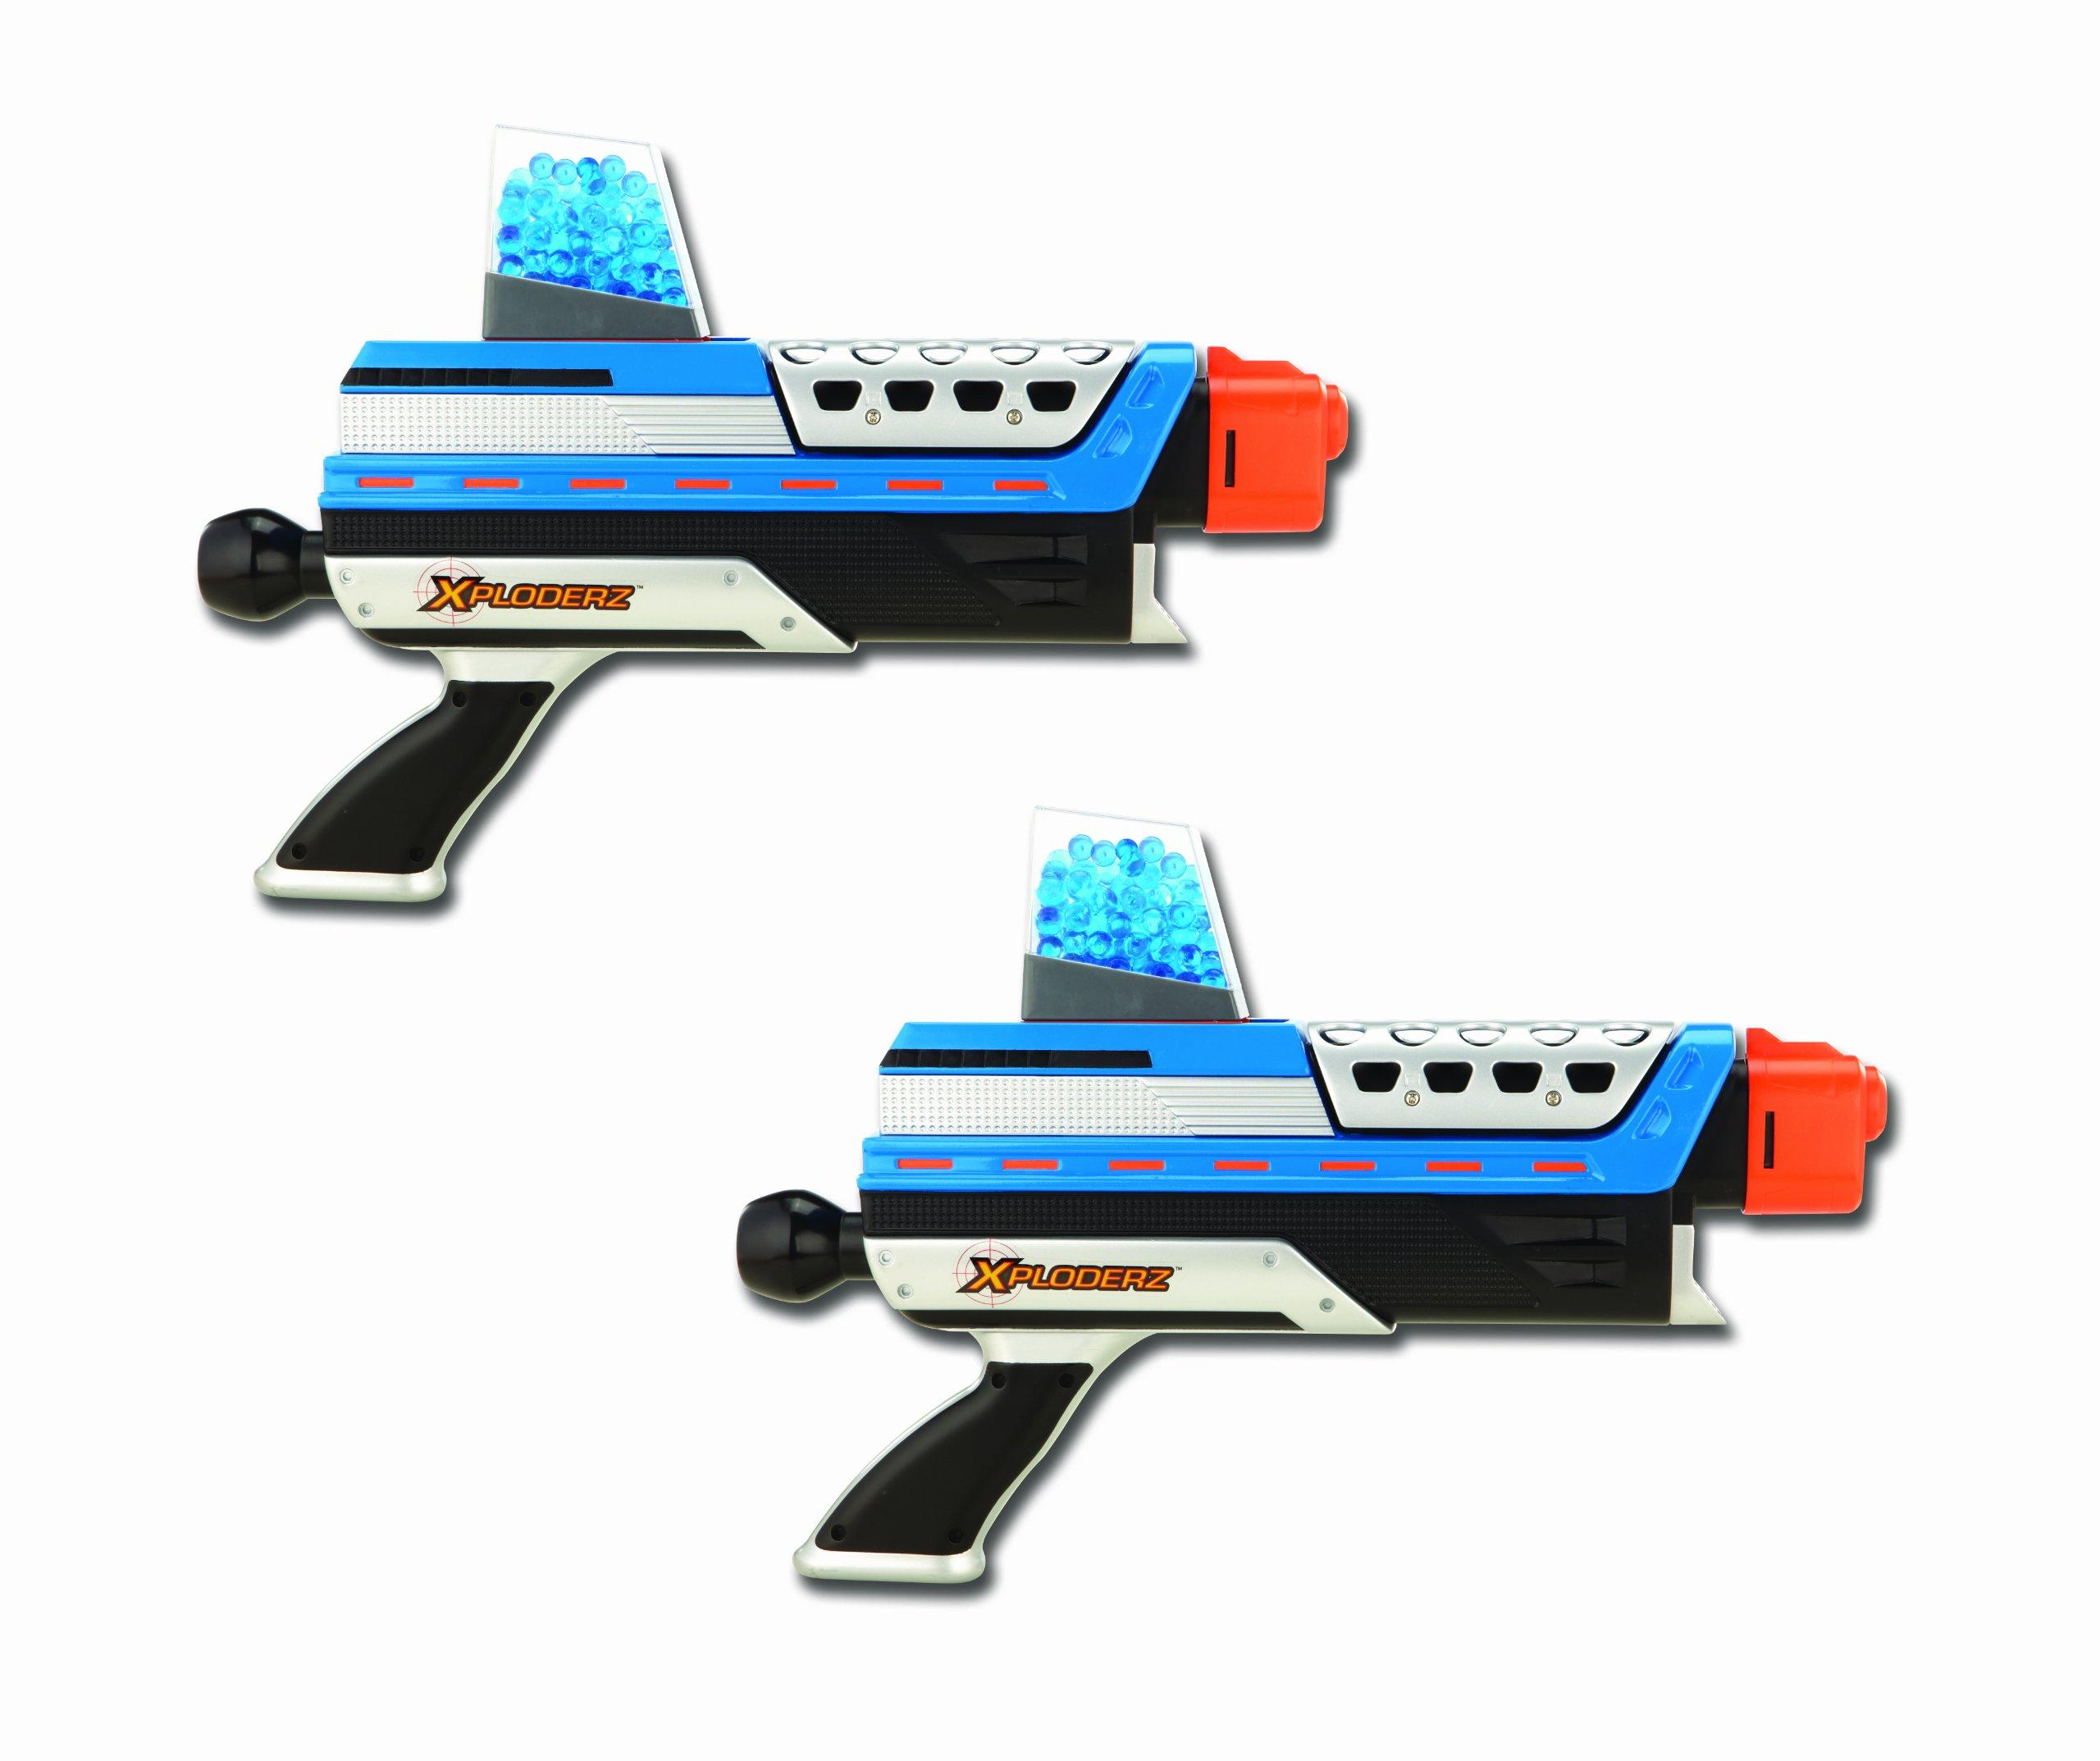 Xploderz X2 Face Off 1400 Guns 2 Pack